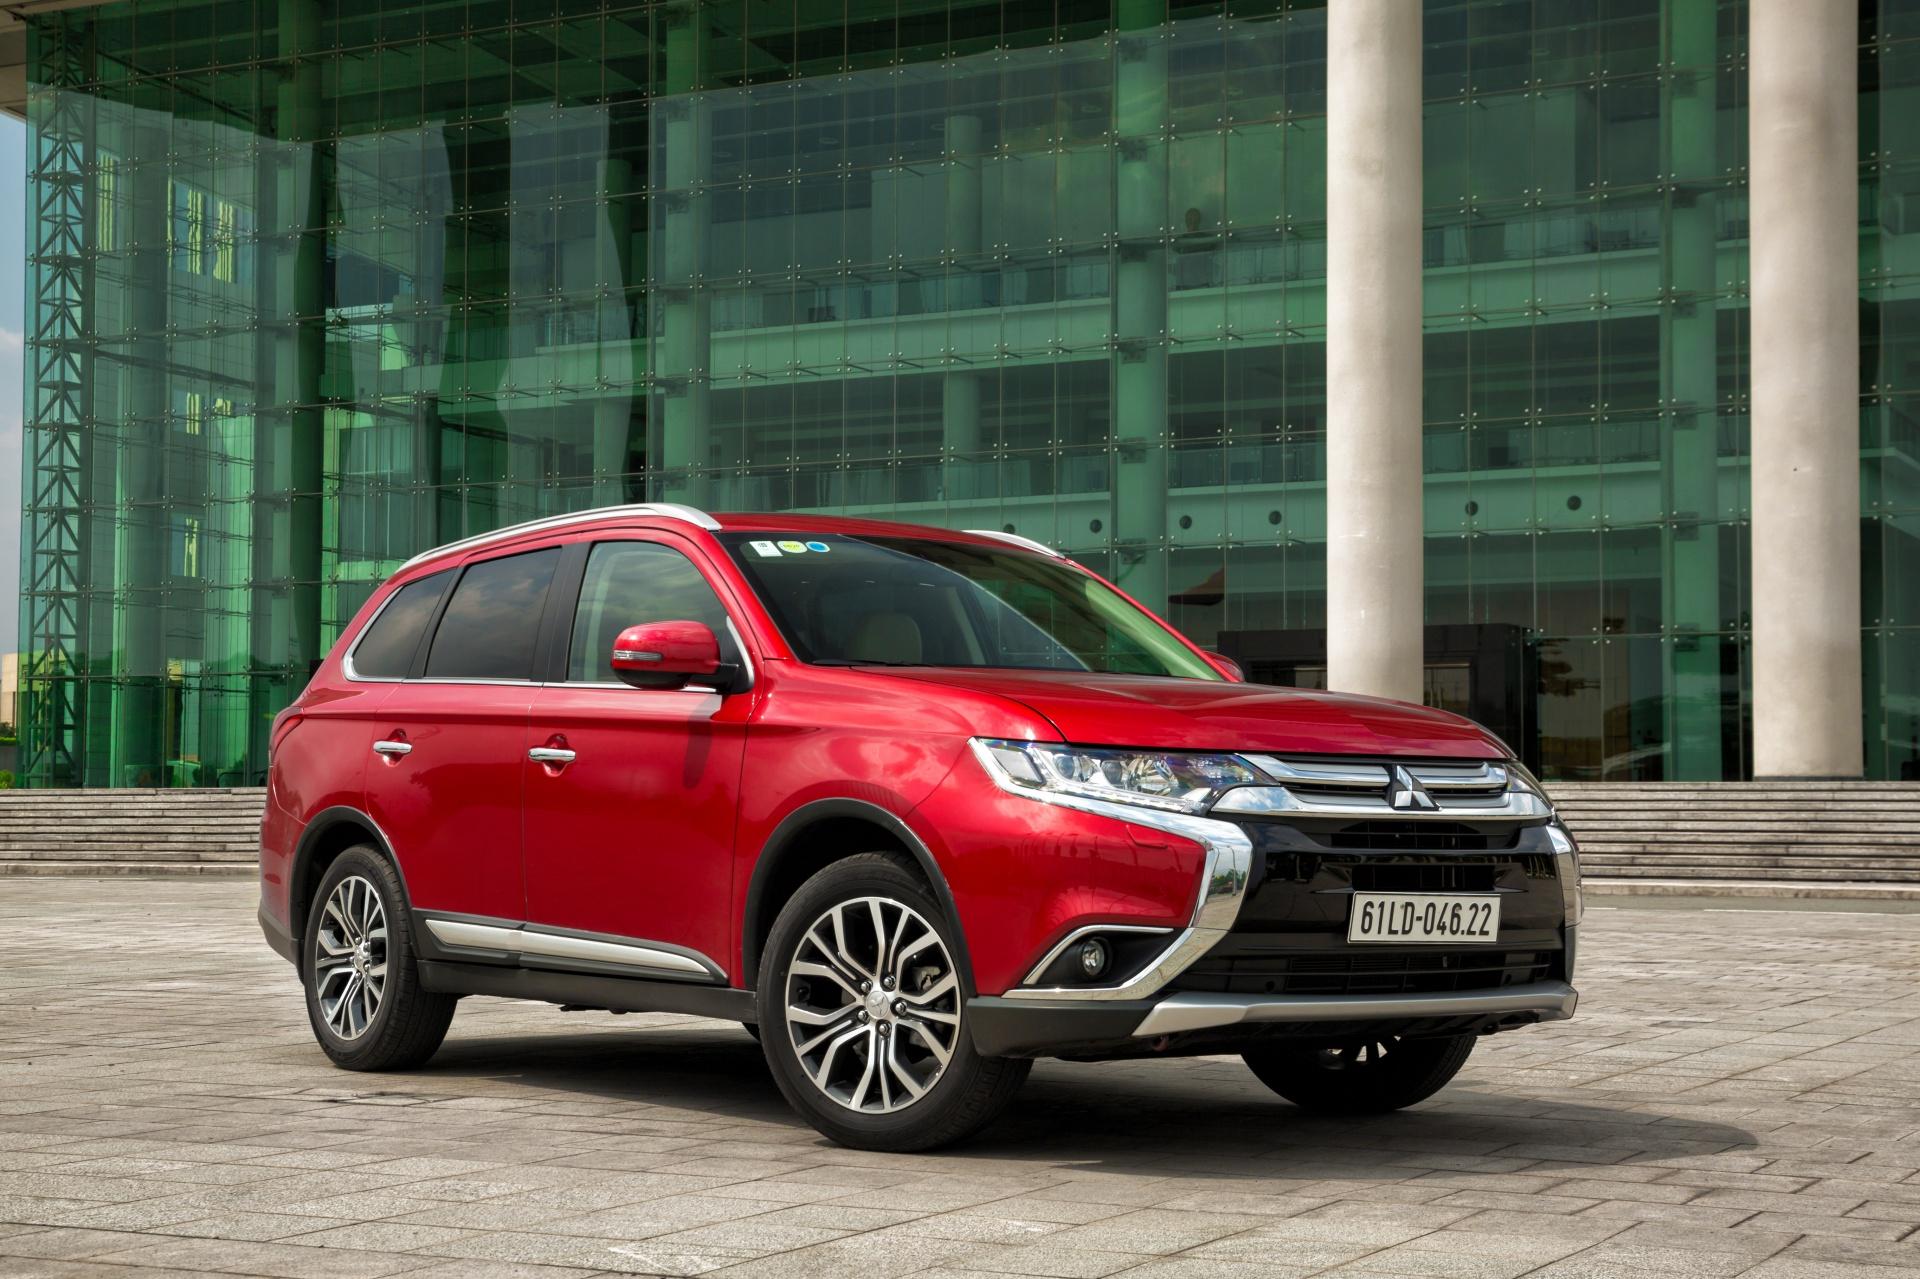 Cặp đôi ăn khách của Mitsubishi tại Việt Nam bị triệu hồi do lỗi bơm xăng